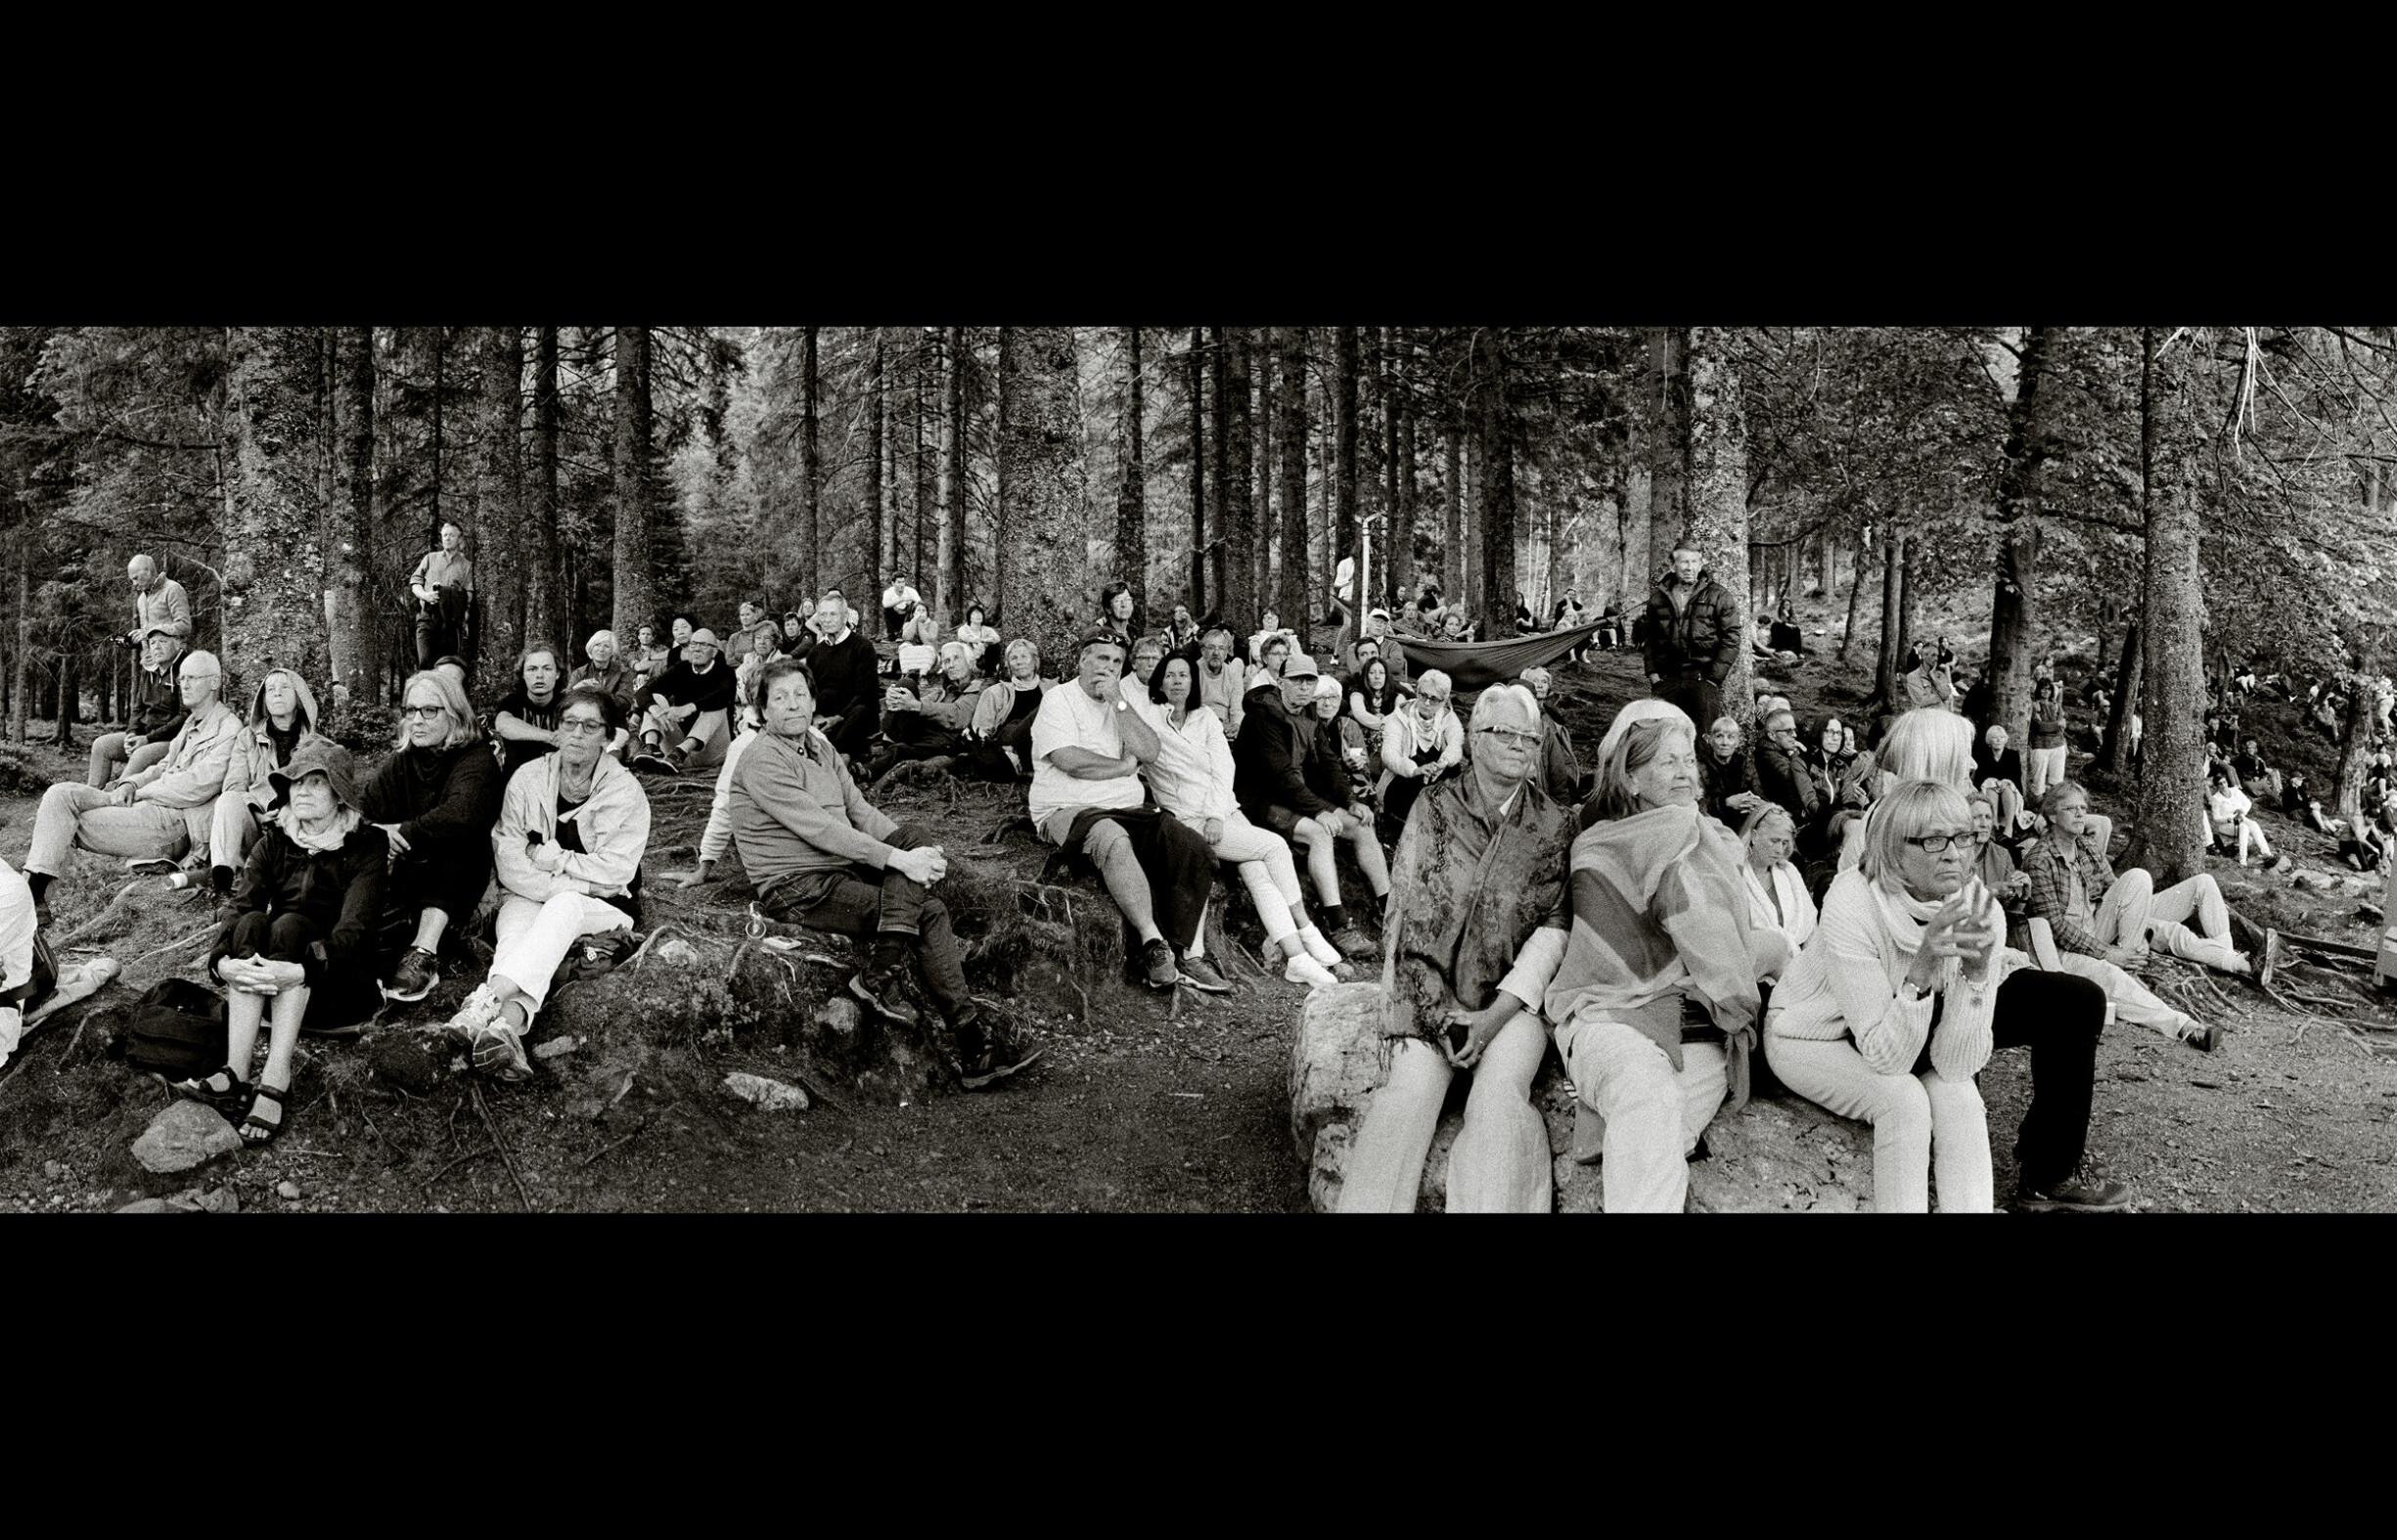 Hundrevis tok turen til Skomakerdikets bredd og innover i skogen for å feire Fløibanen er 100 år. Foto: Fred Ivar Utsi Klemetsen